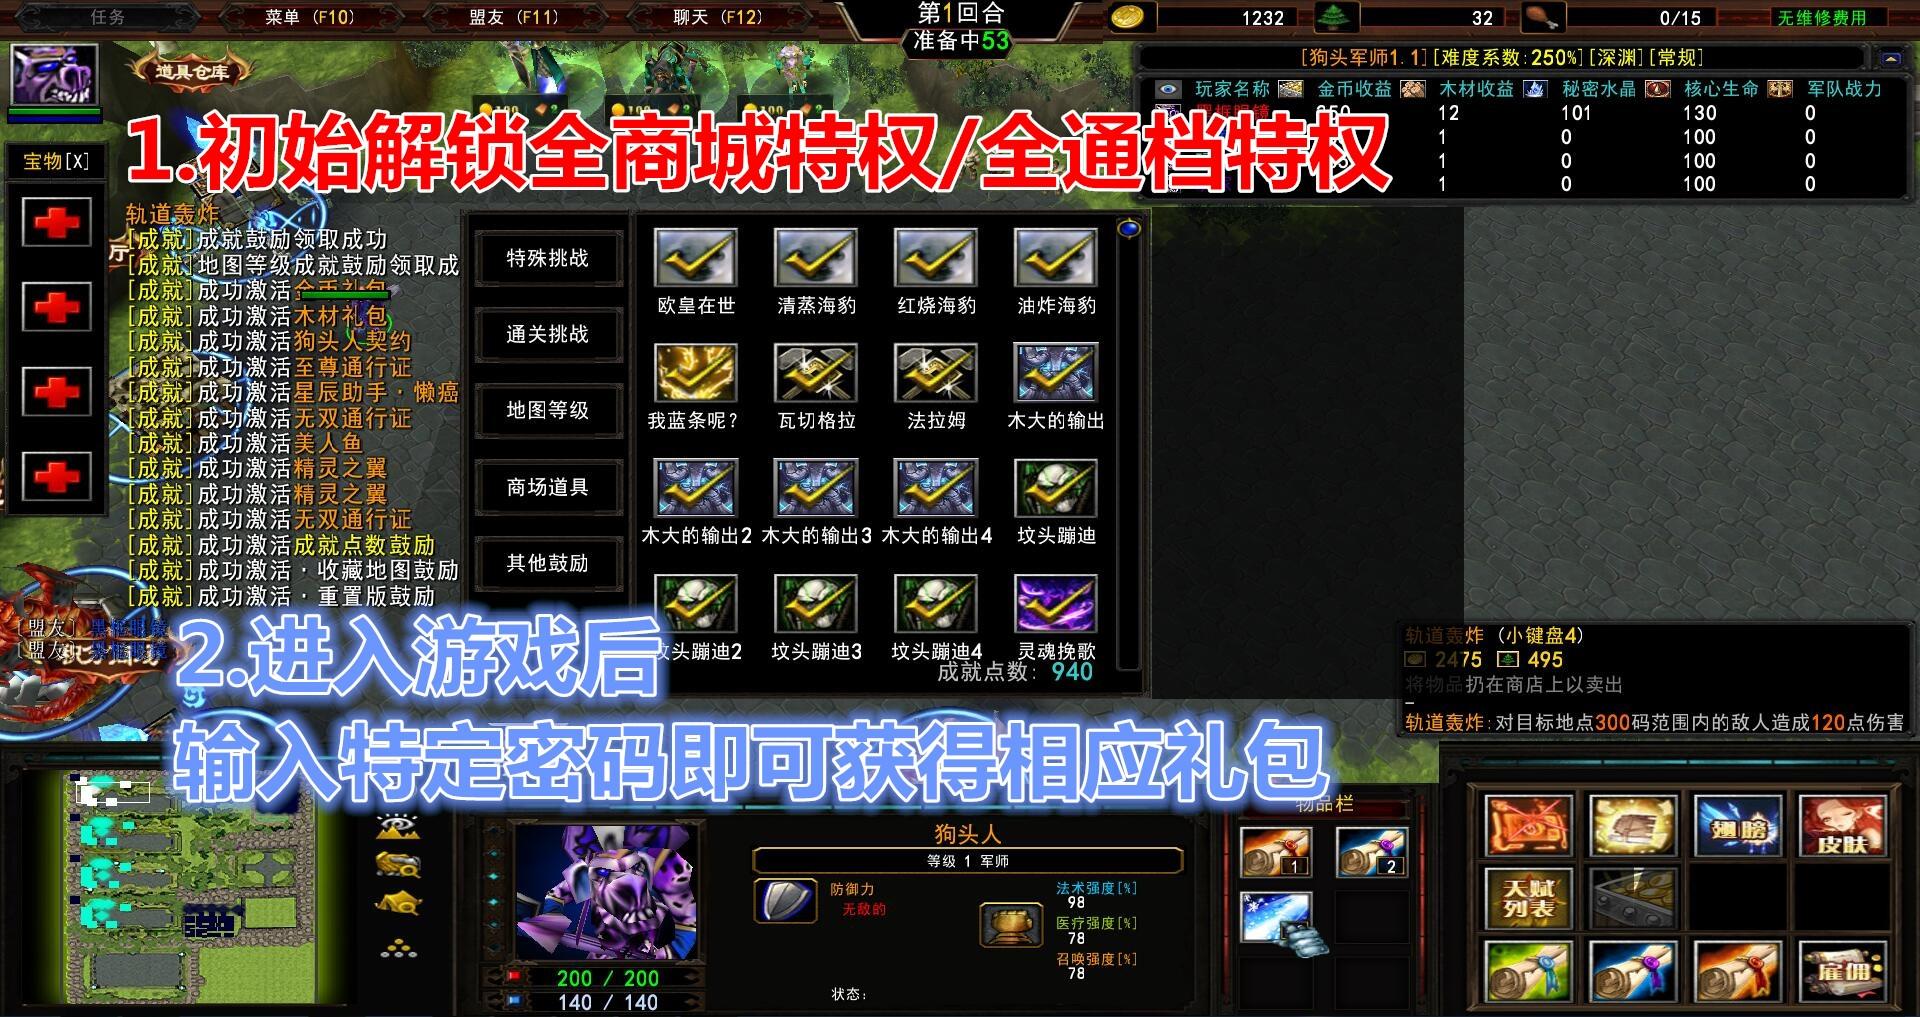 狗头军师v1.1.5黑式破解(附正版密码) 官方特权成就+特改礼包+无CD全屏闪+存档代刷